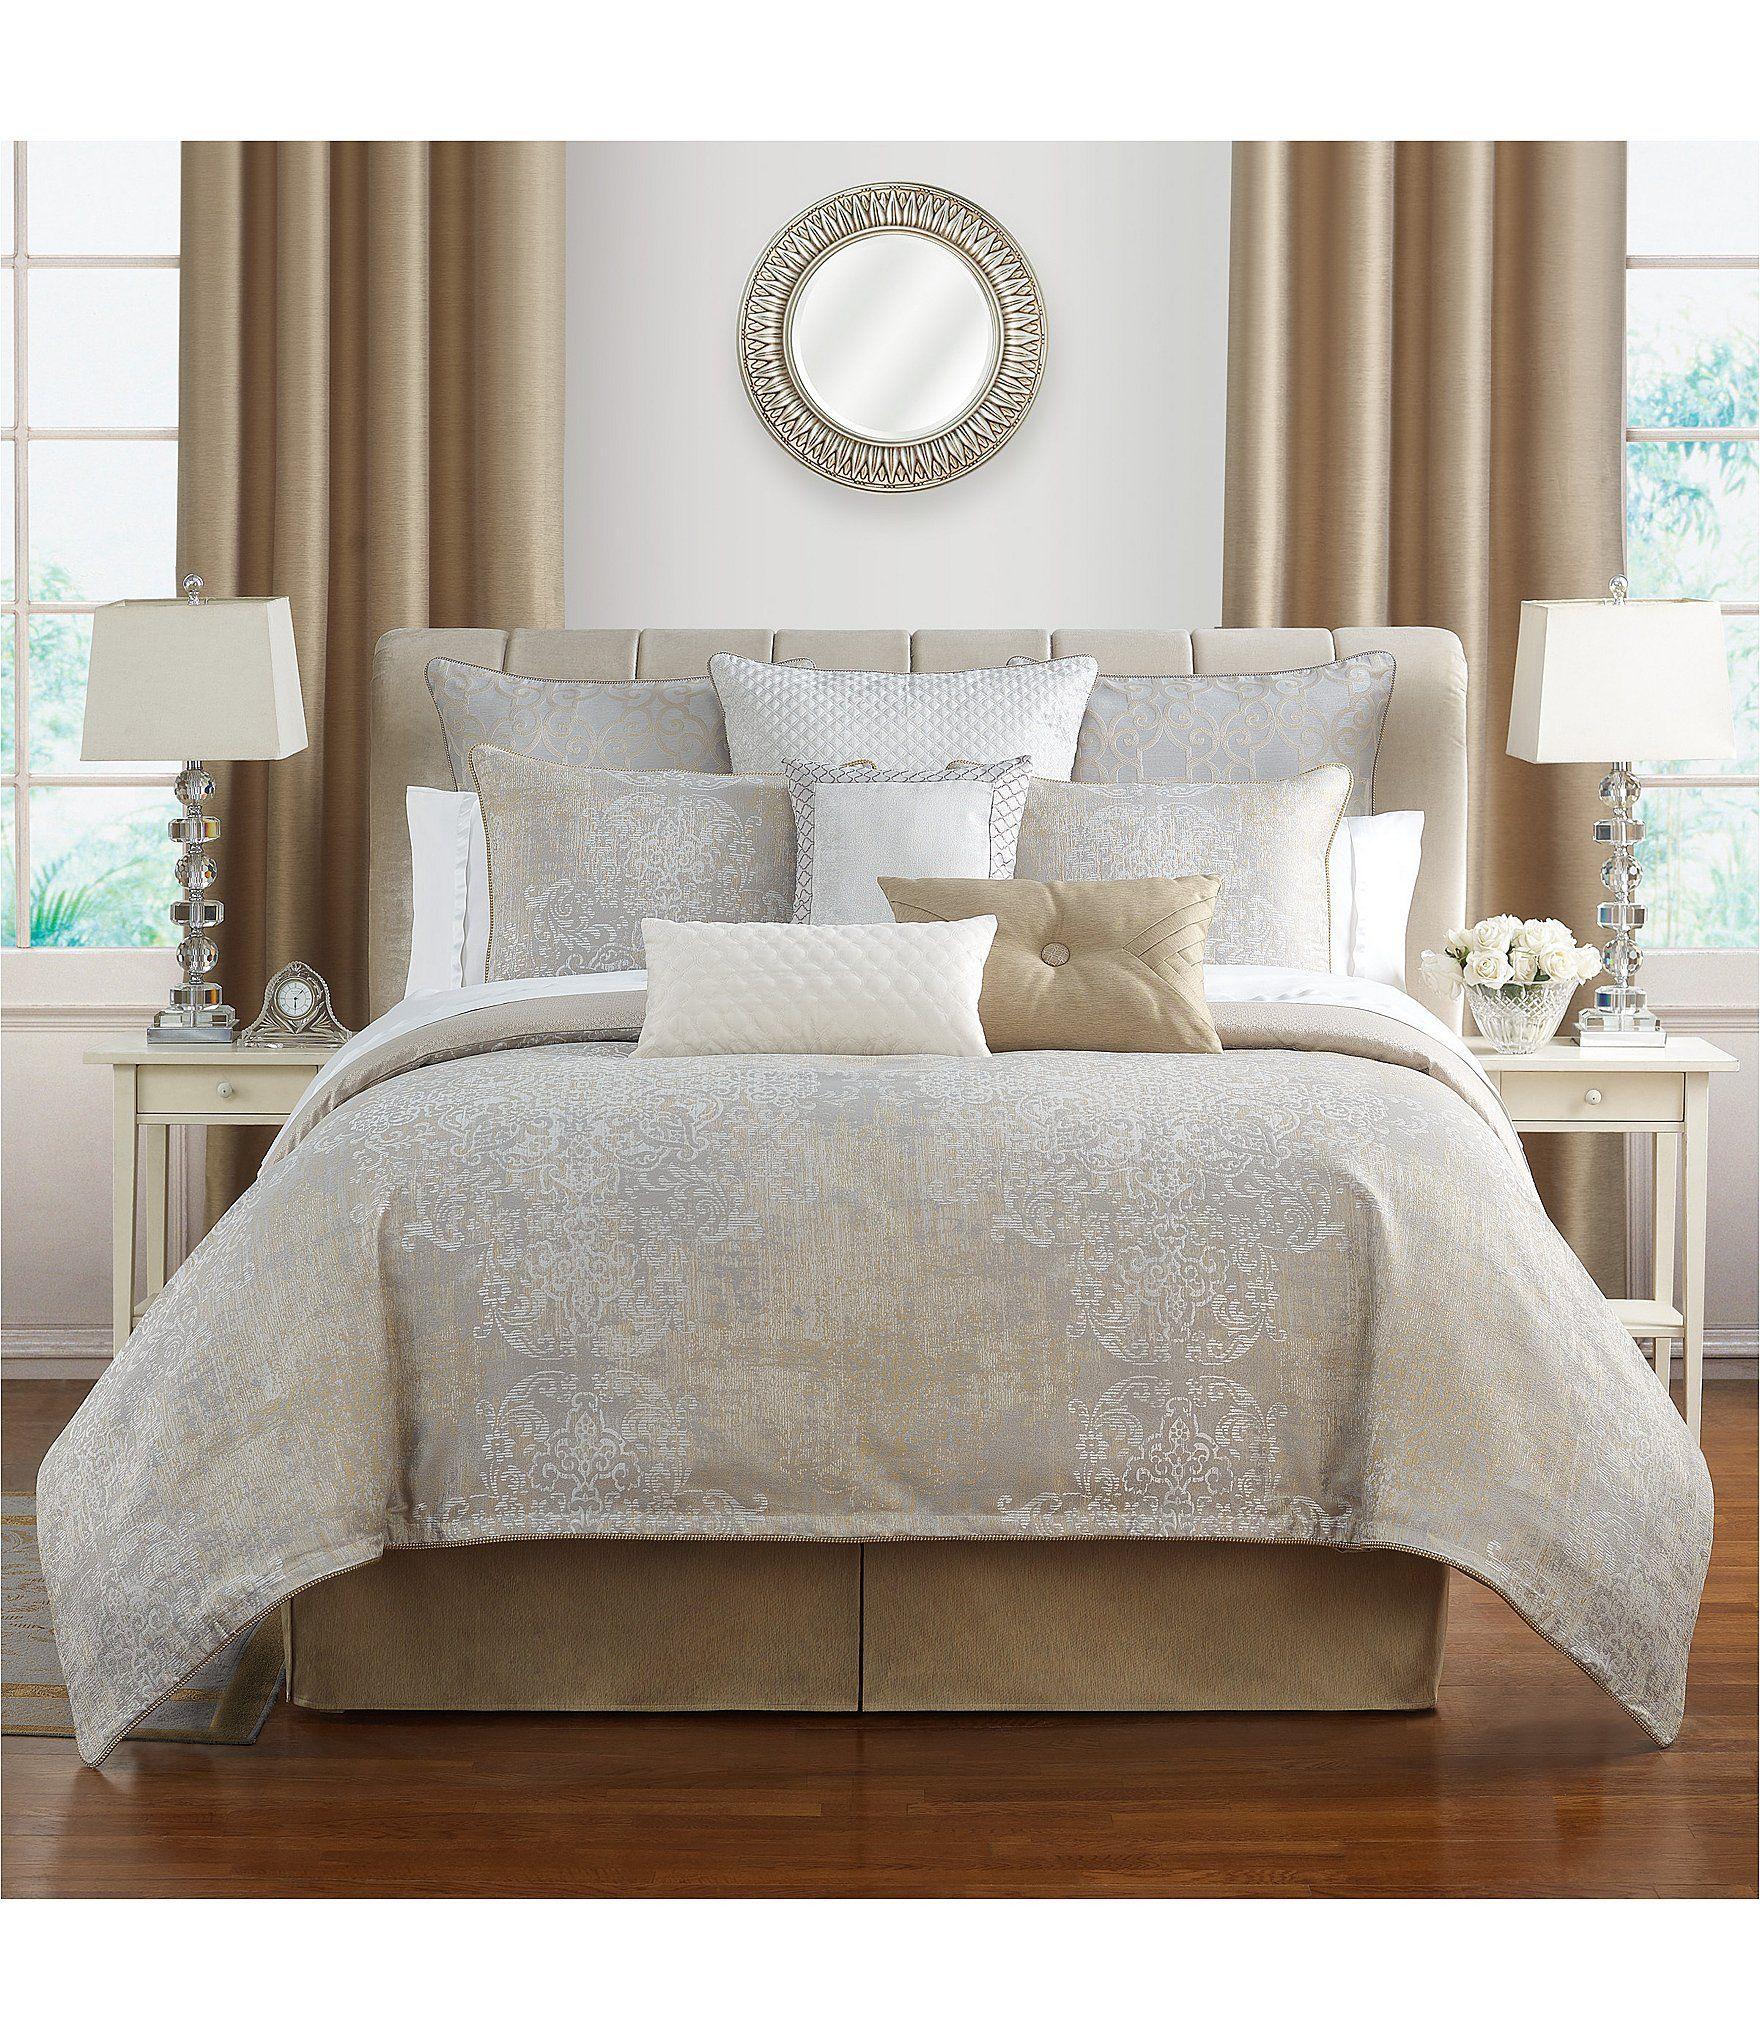 Waterford Maritana Distressed Damask Comforter Set Dillard S In 2021 Comforter Sets King Bedding Sets King Comforter Sets